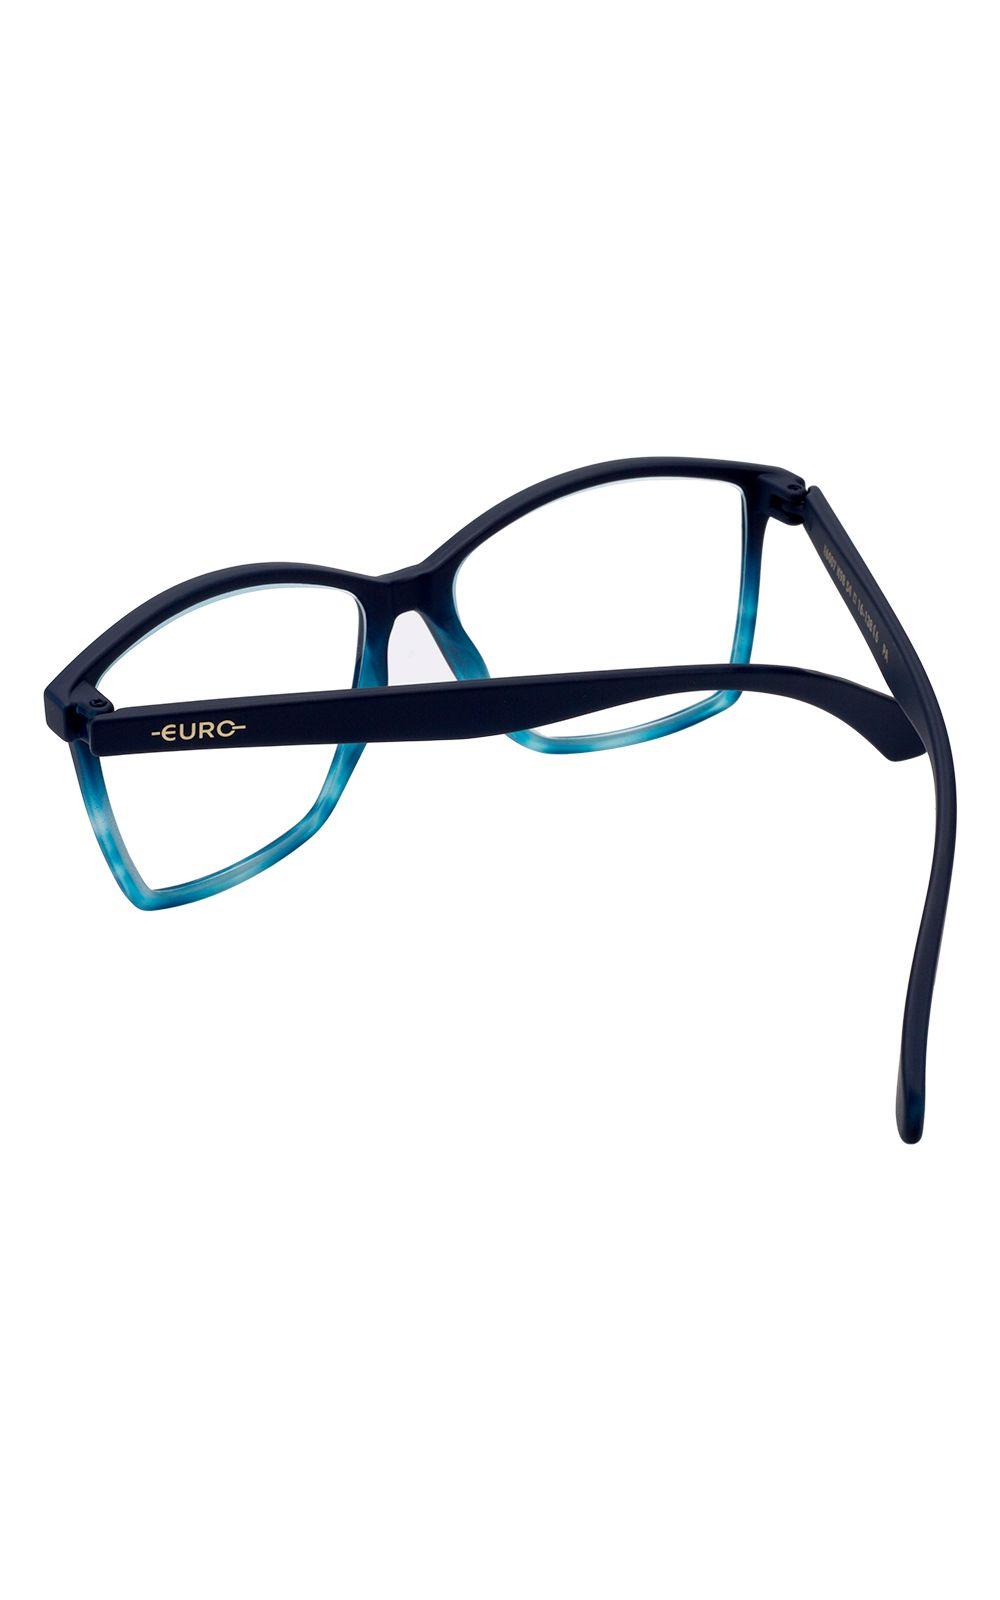 Foto 3 - Óculos Euro Feminino Color Fun Preto E6007K9854/8A